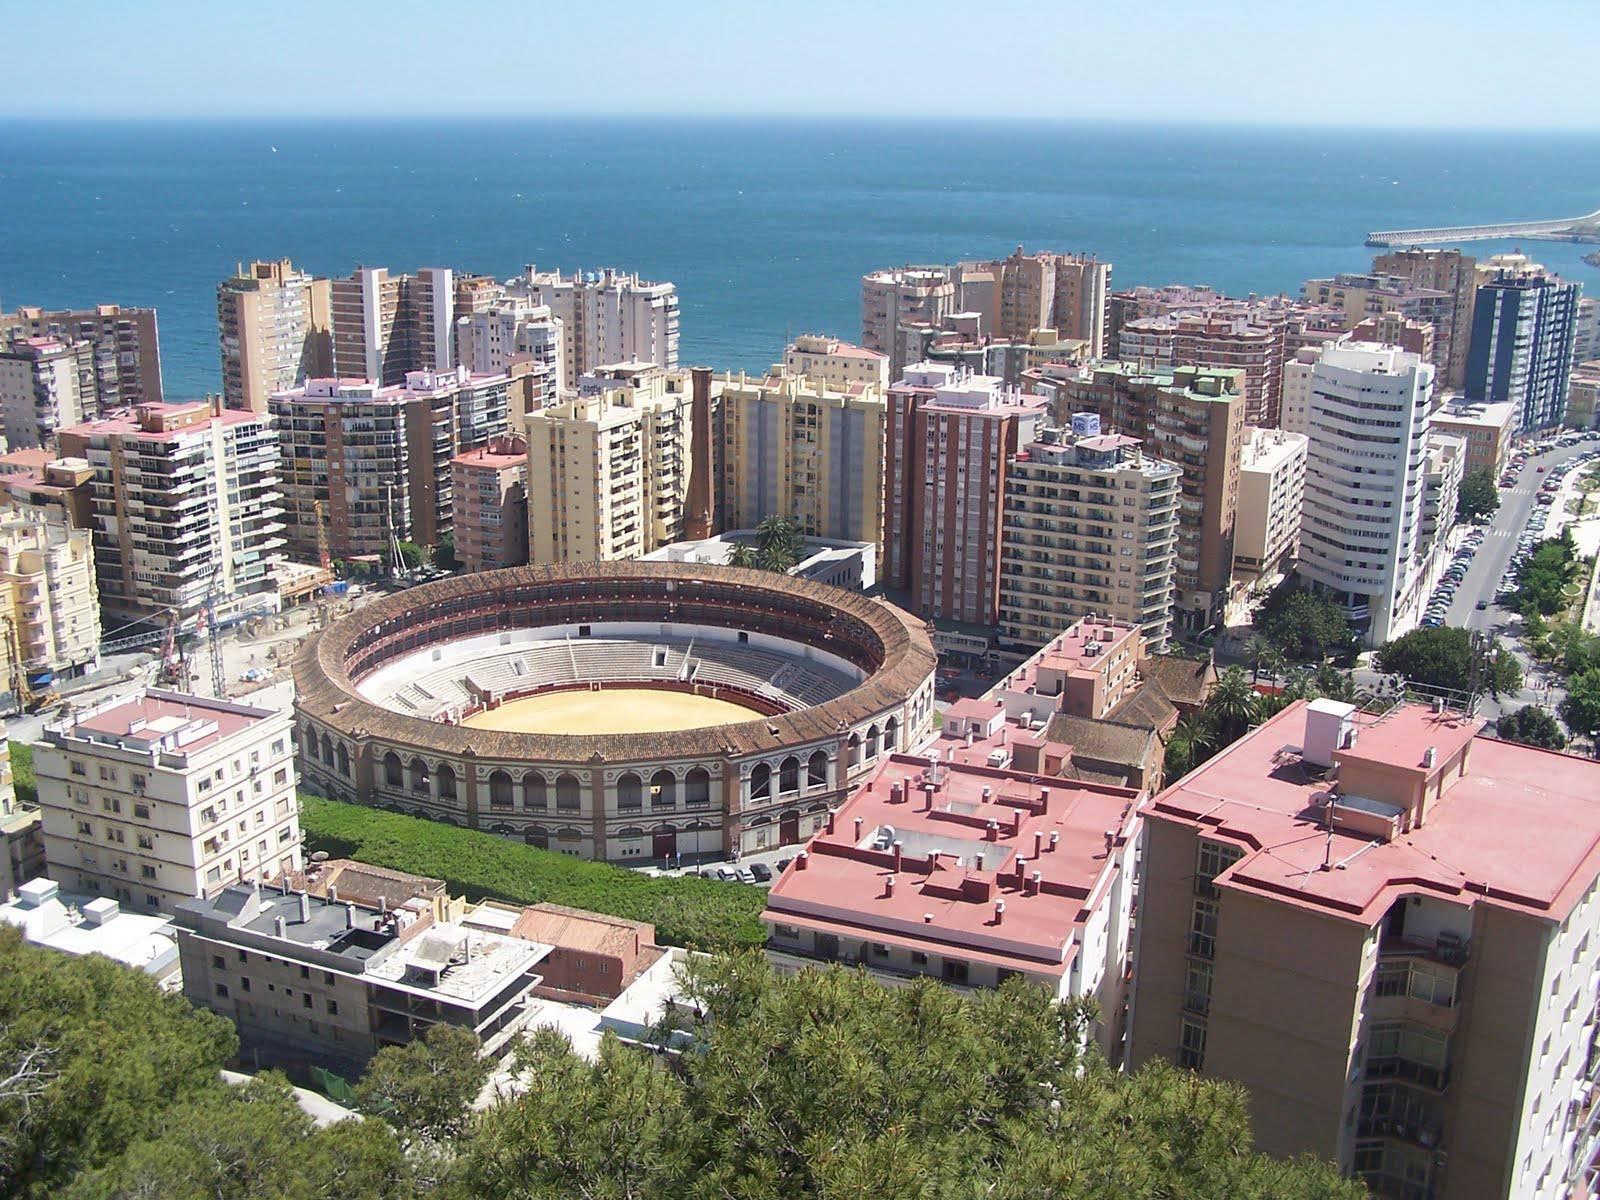 La Confederación Argentina de la Pequeña y Mediana Empresa representa a 1.461 federaciones, cámaras, centros comerciales, servicios y producción de Argentina.